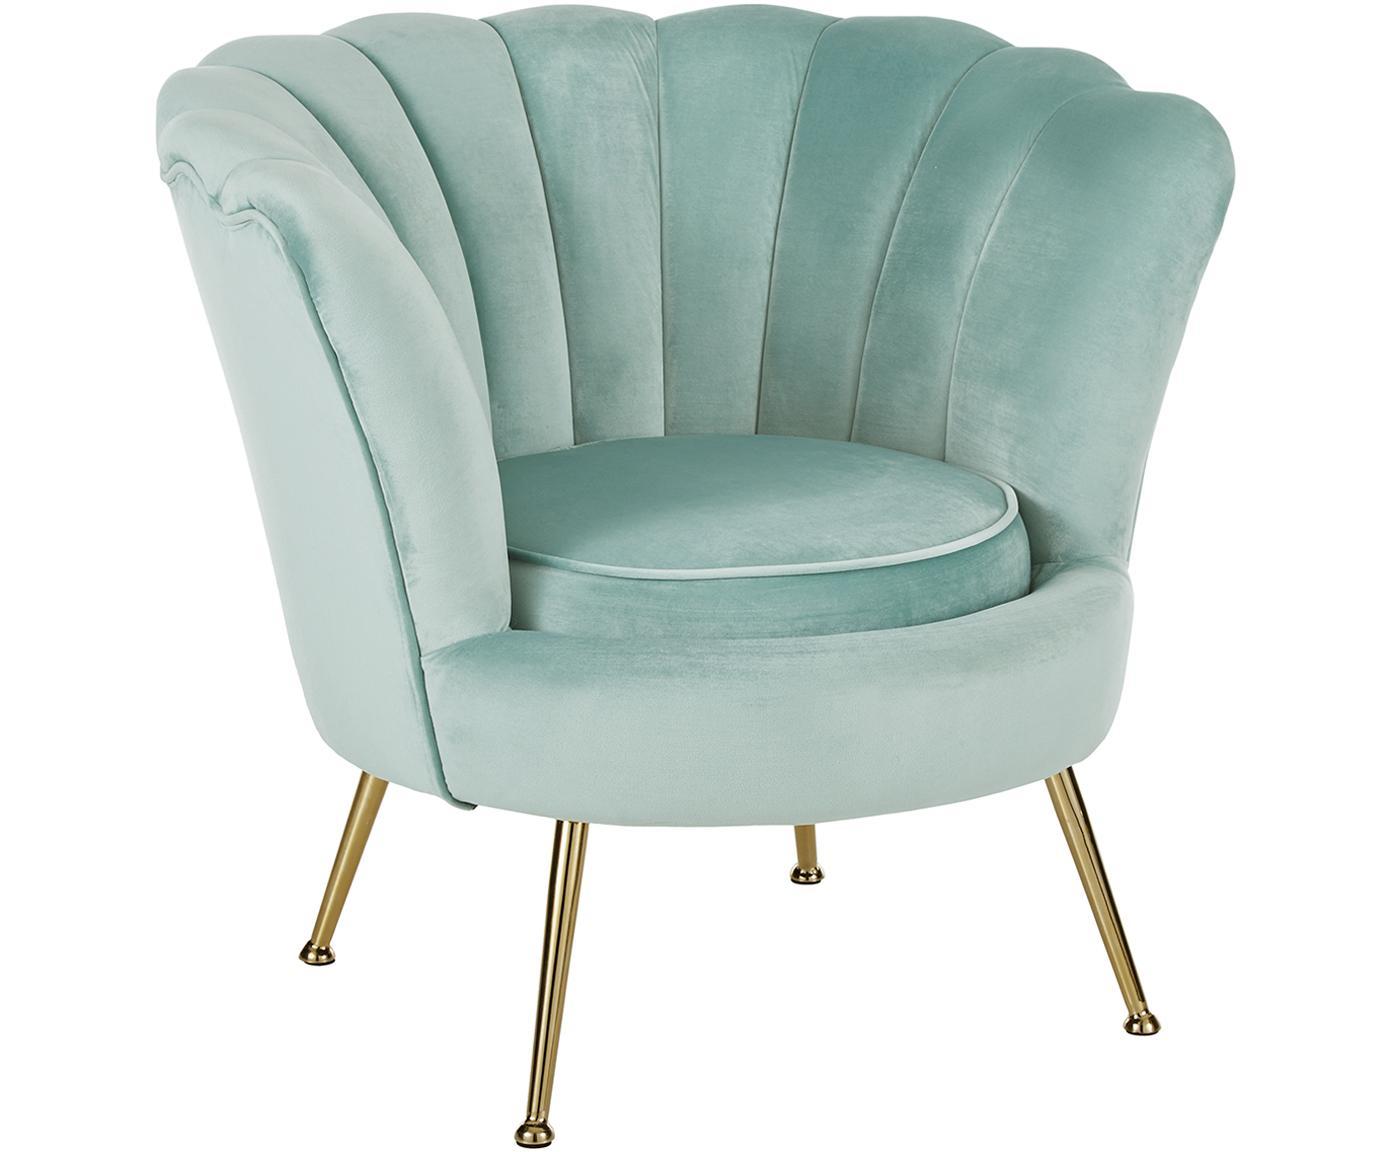 Fluwelen fauteuil Oyster, Bekleding: fluweel (polyester), Frame: massief populierenhout, m, Poten: gegalvaniseerd metaal, Turquoise, B 81 x D 78 cm